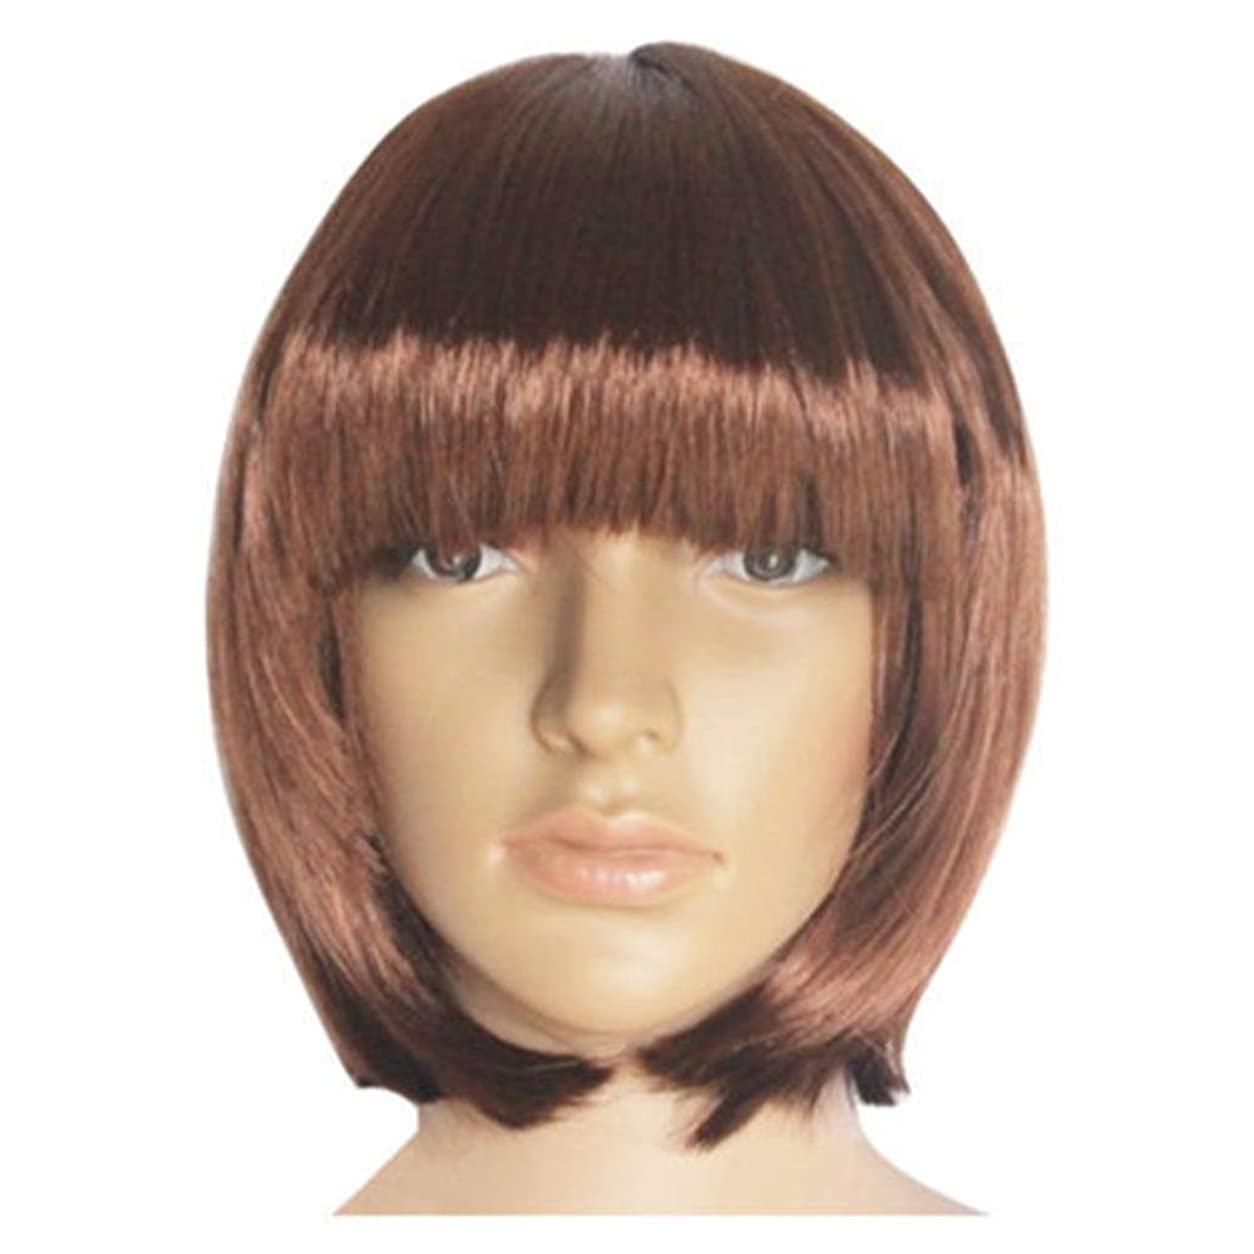 週末モデレータ華氏SakuraBest Natural Short Bob Hair Wigs 35cm Straight with Flat Bangs Synthetic Colorful Cosplay Daily Party Wig for Women (K)